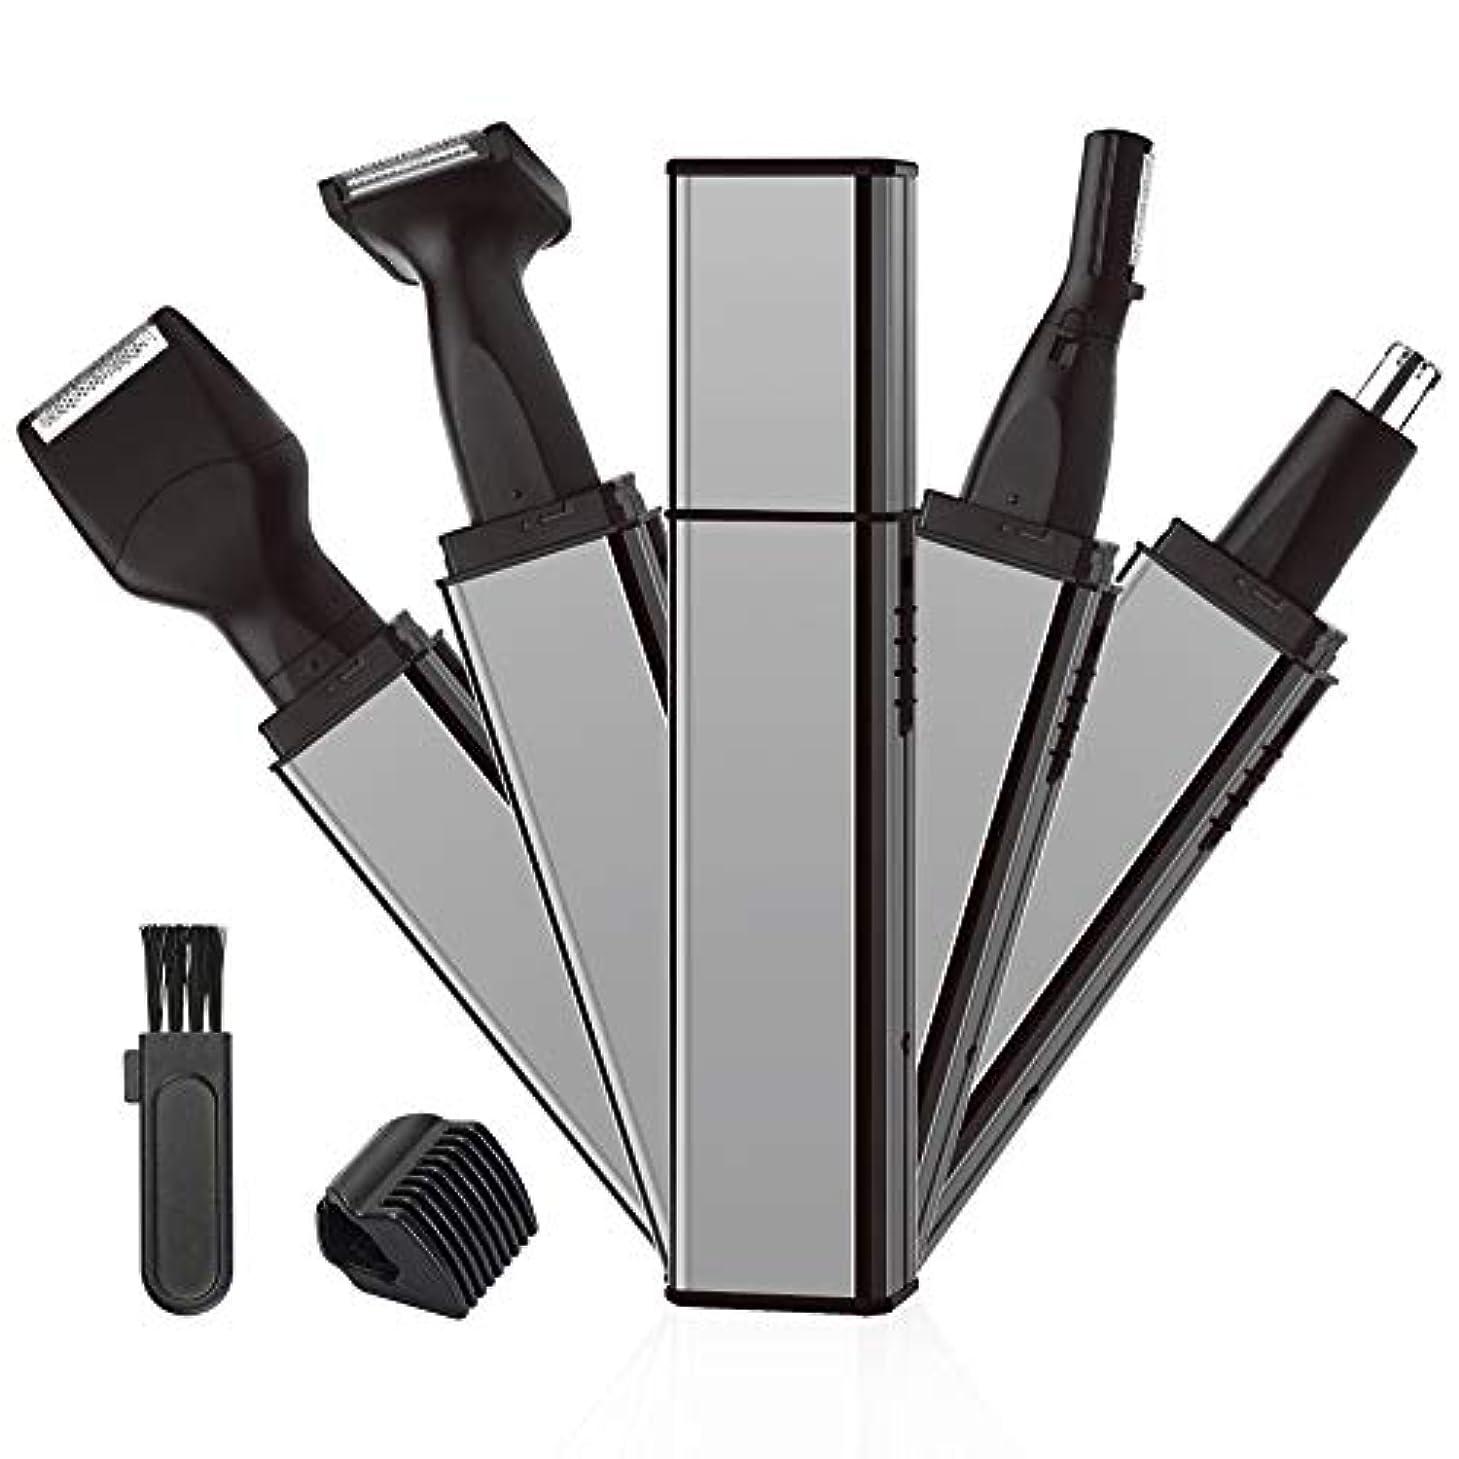 ムスタチオフロンティア電圧男性用ノーズヘアトリマー、男性用4イン1ノーズイヤービアードヘア眉毛トリマーセット、ウェット/ドライ、デュアルエッジブレード、USBチャージ、ウォッシャブルヘッド。